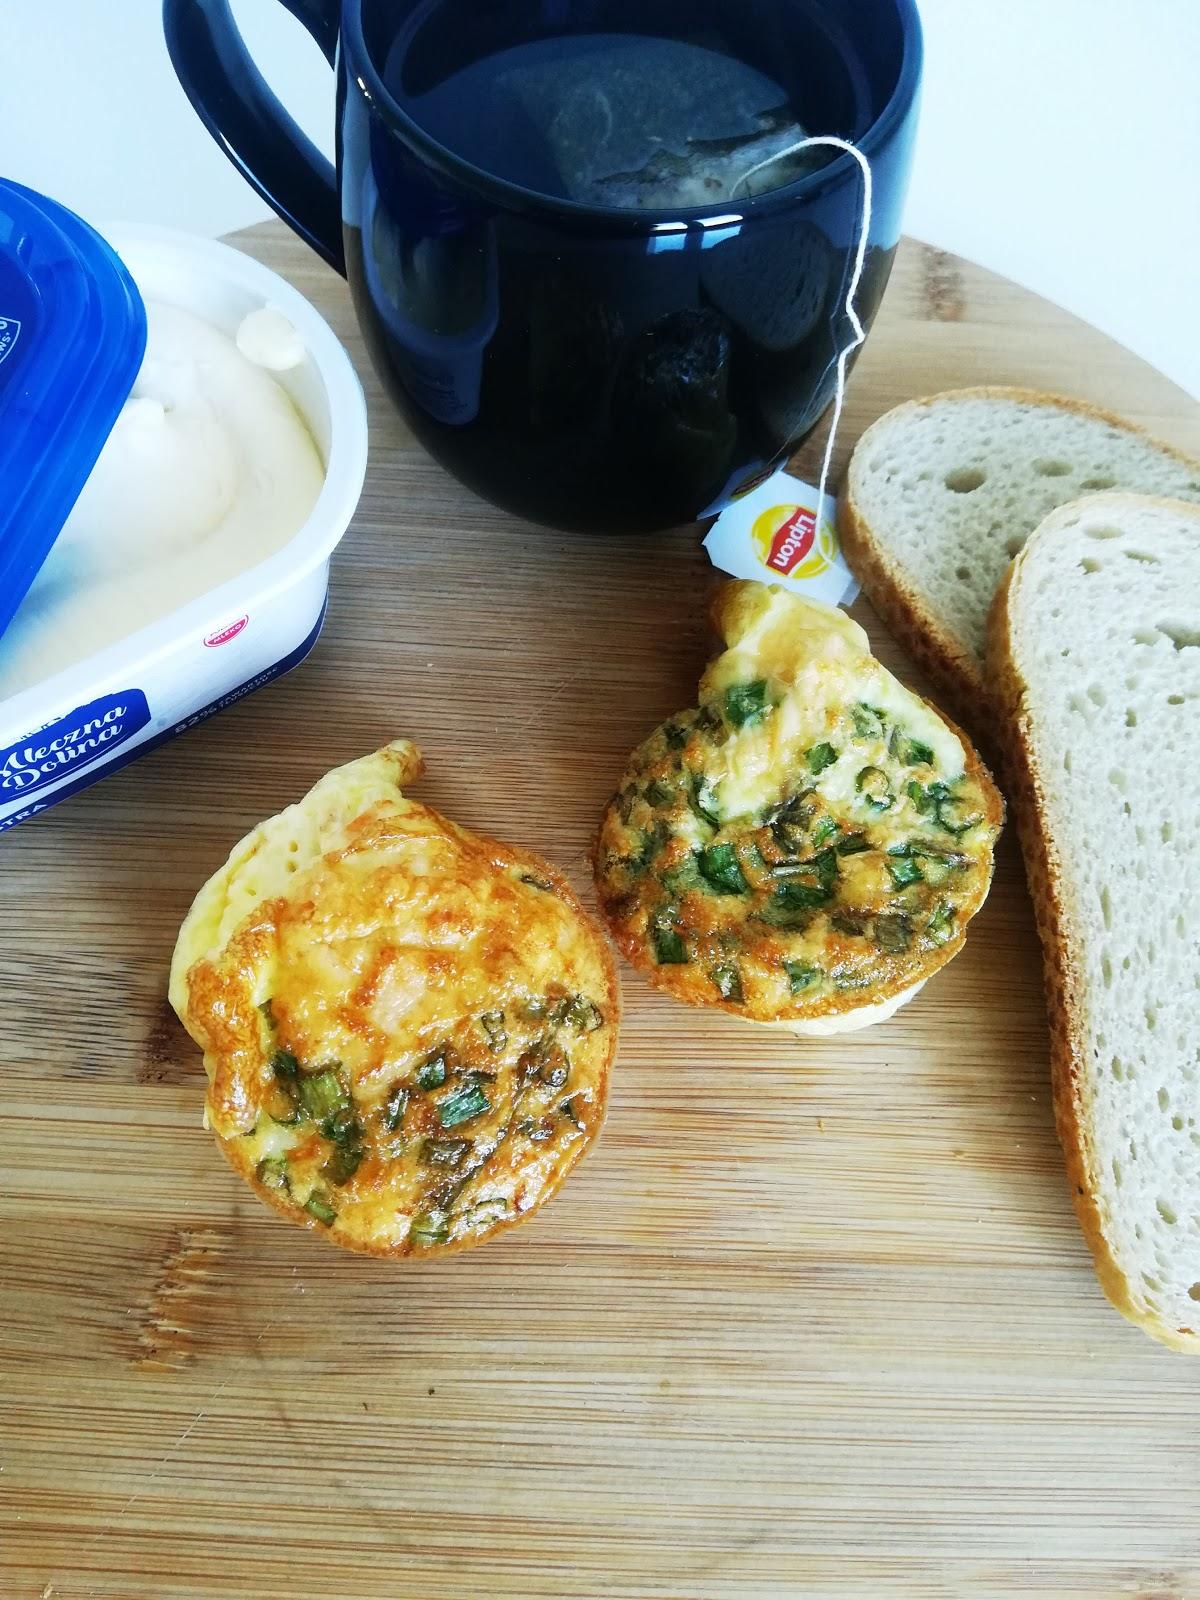 Pyszne śniadanie - muffinki jajeczne